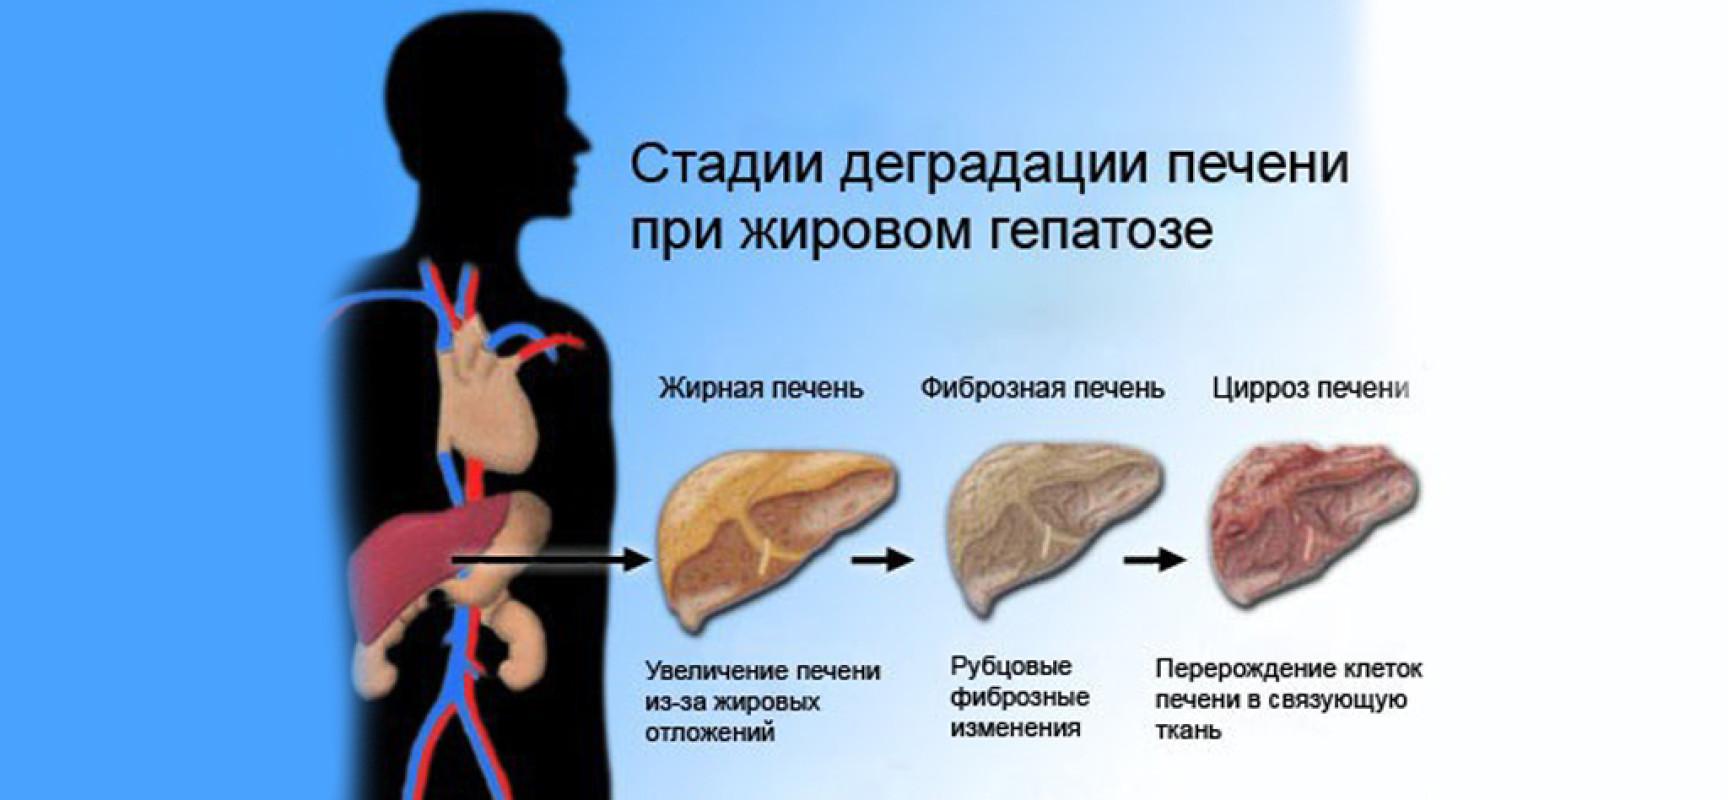 Здоровая печень | диета при жировом гепатозе